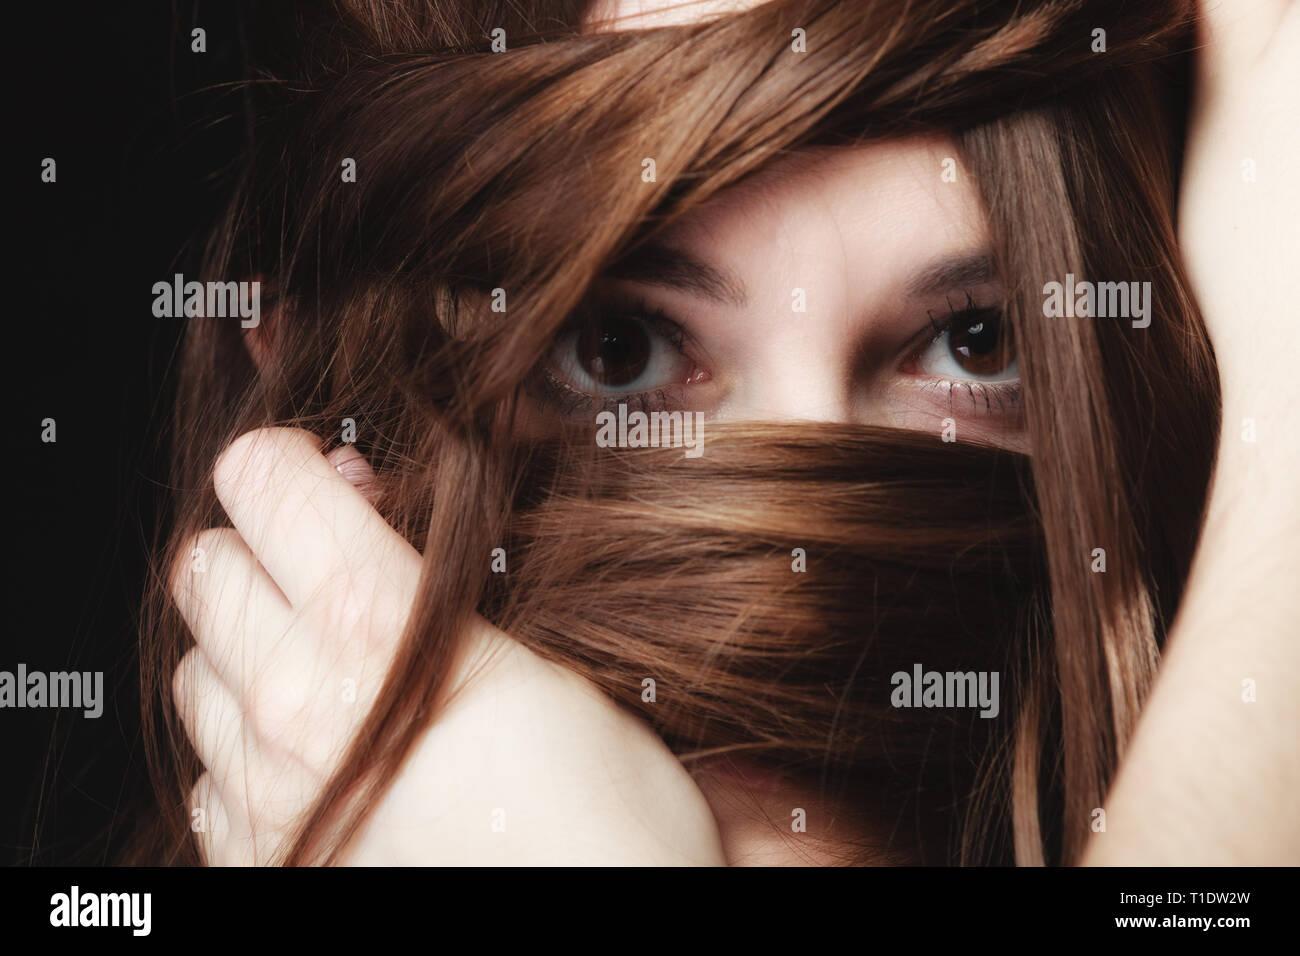 Soledad, estrés y ansiedad mujeres concepto. Closeup retrato Mujer hermosa morenaza, jovencita que cubren cara por largos pelos marrones sobre negro Foto de stock